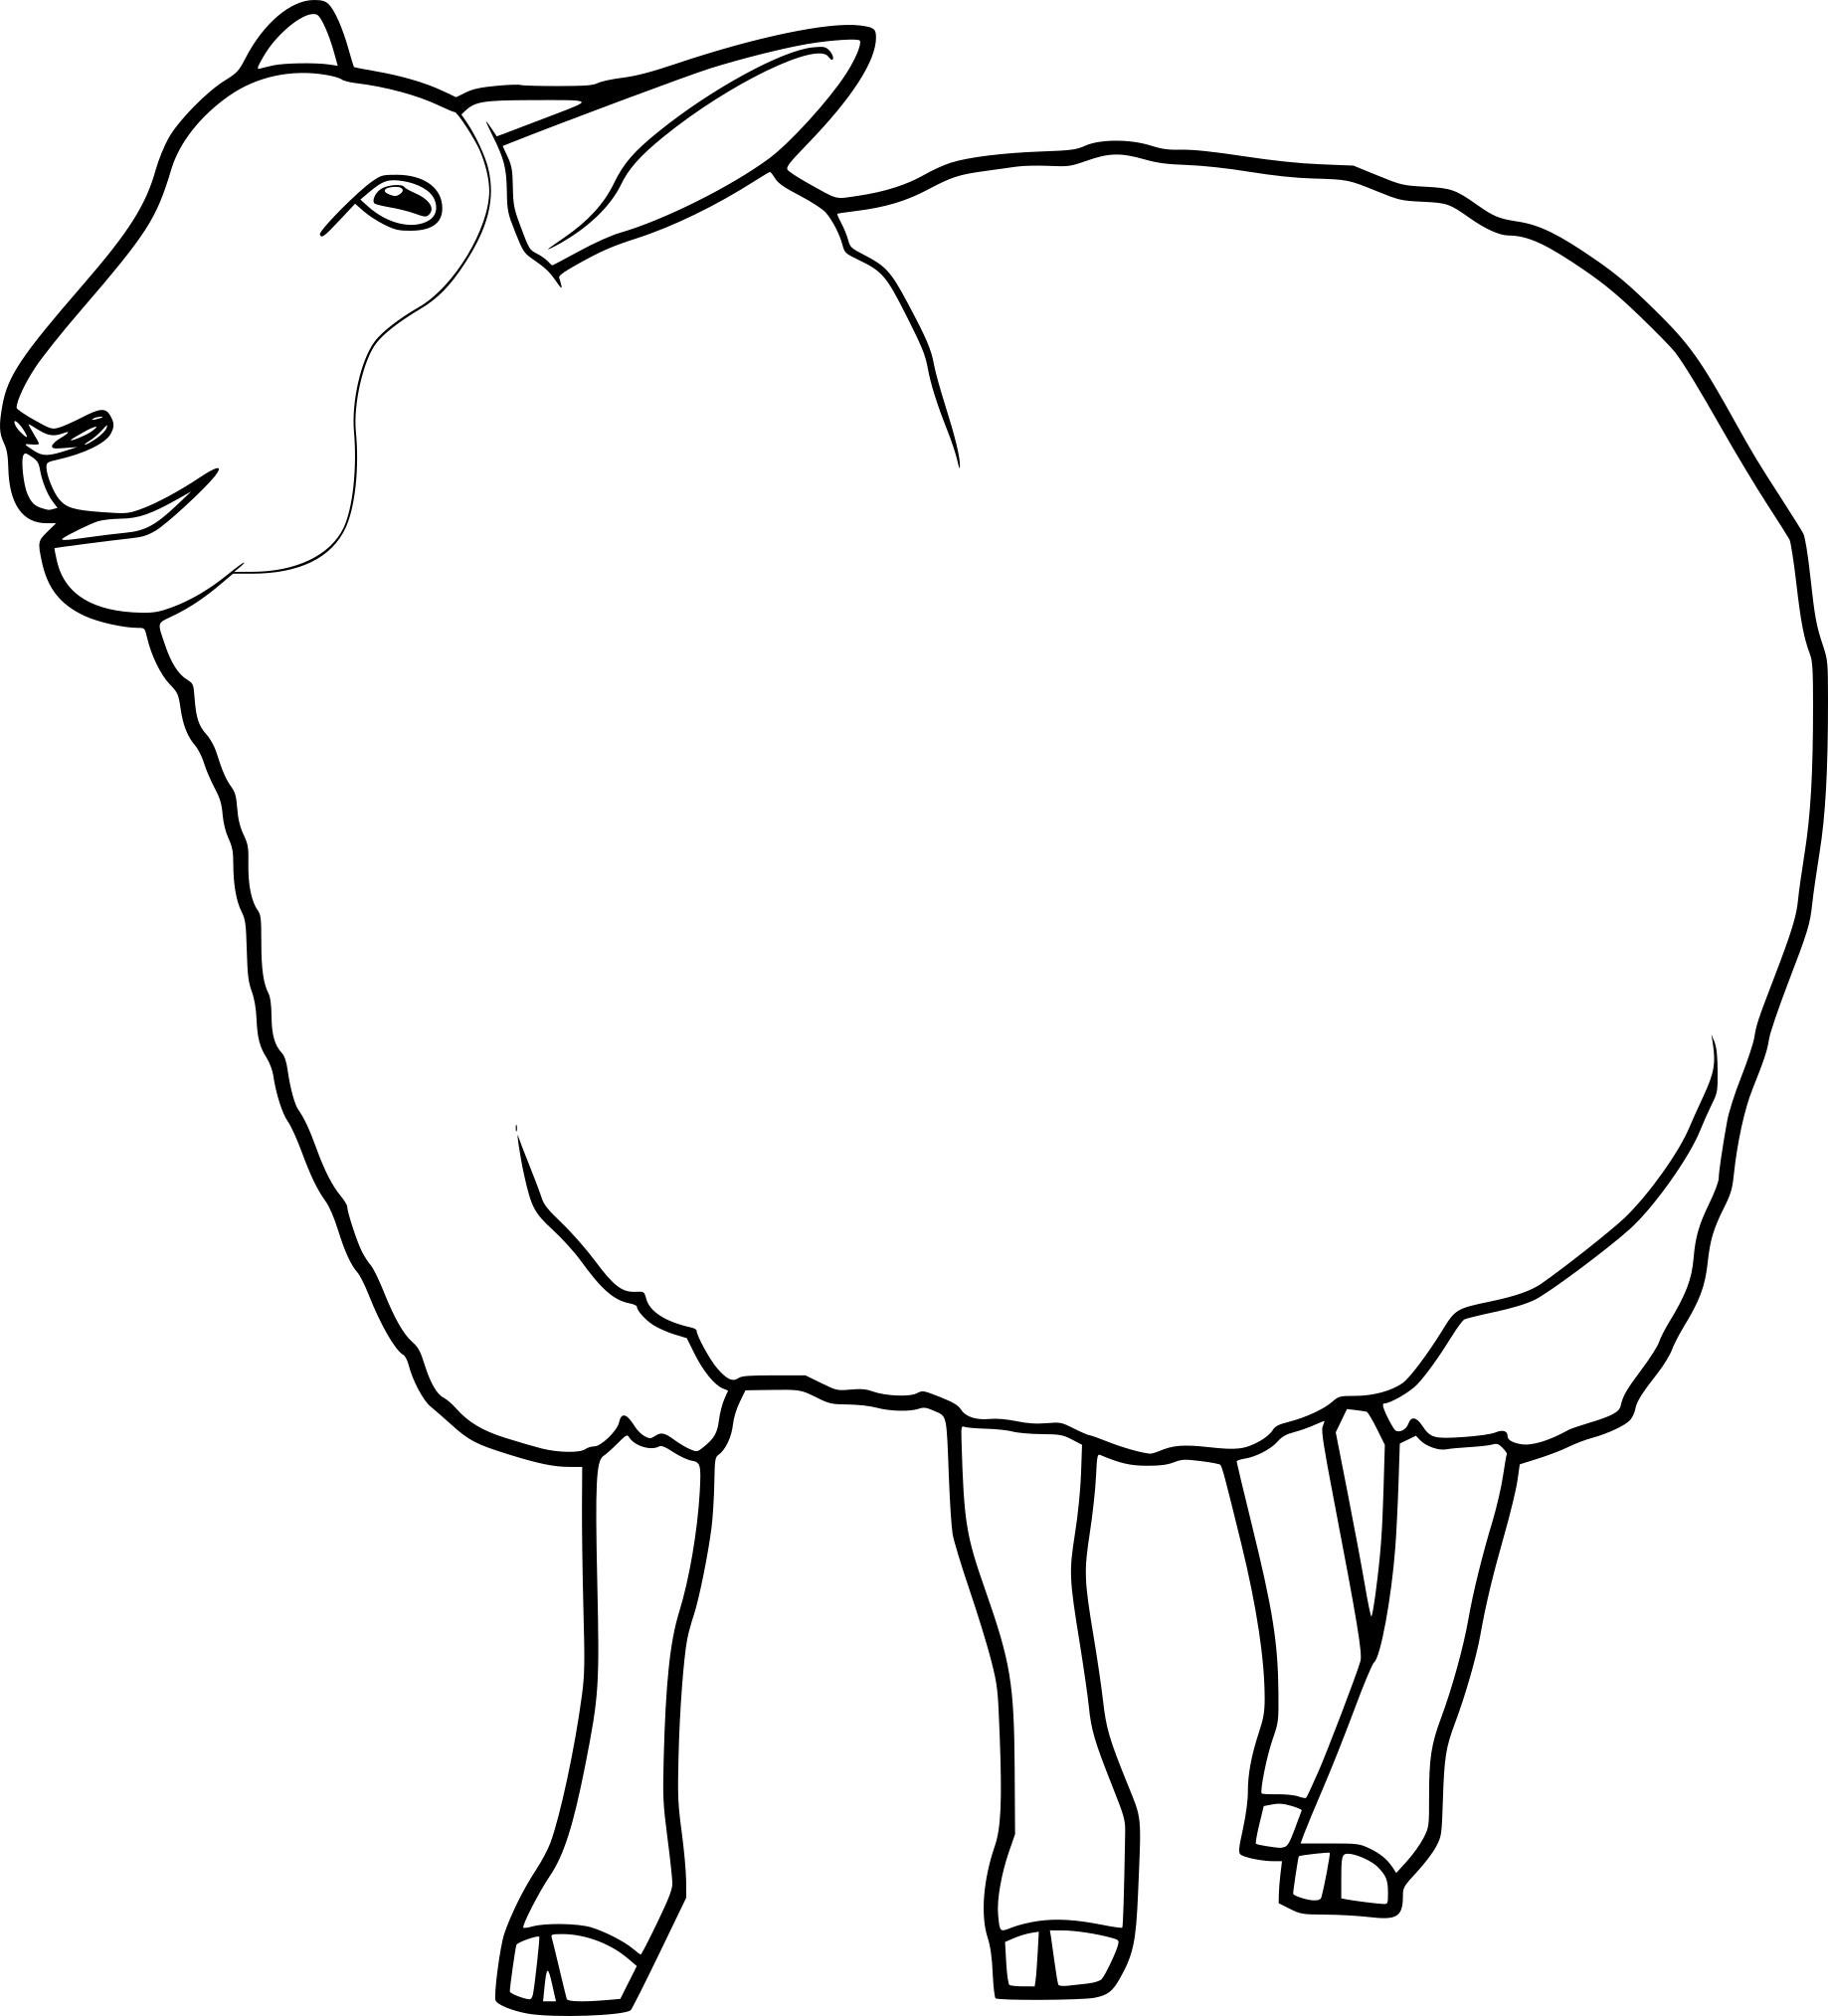 Coloriage Mouton À Imprimer destiné Mouton À Colorier